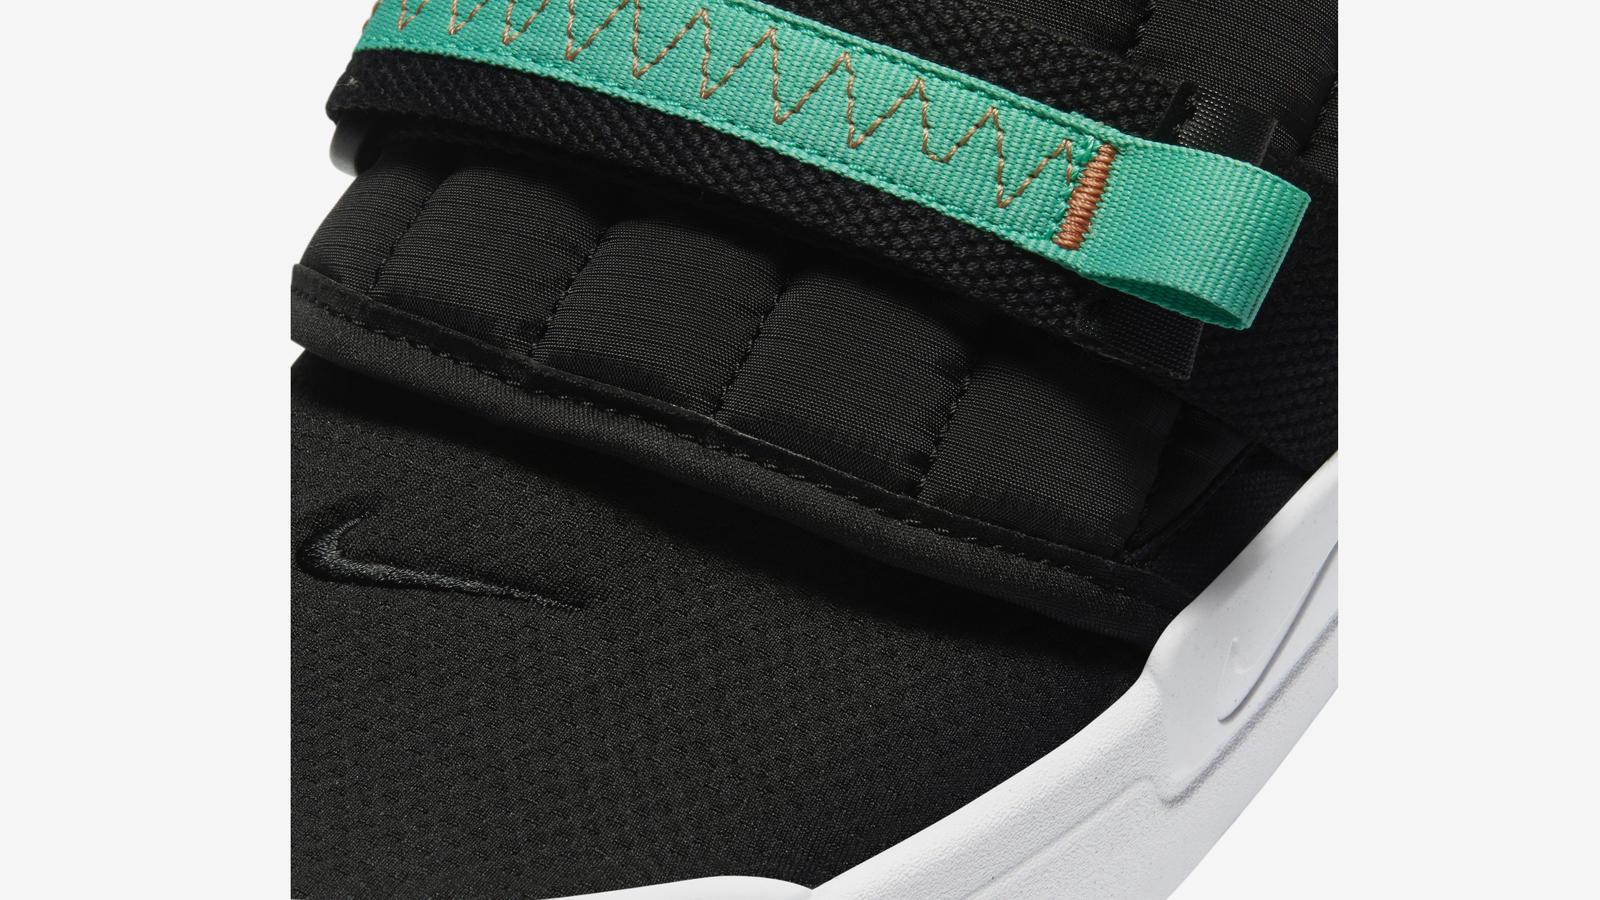 FA20-Offline-Nike-Sportswear_53_hd_1600